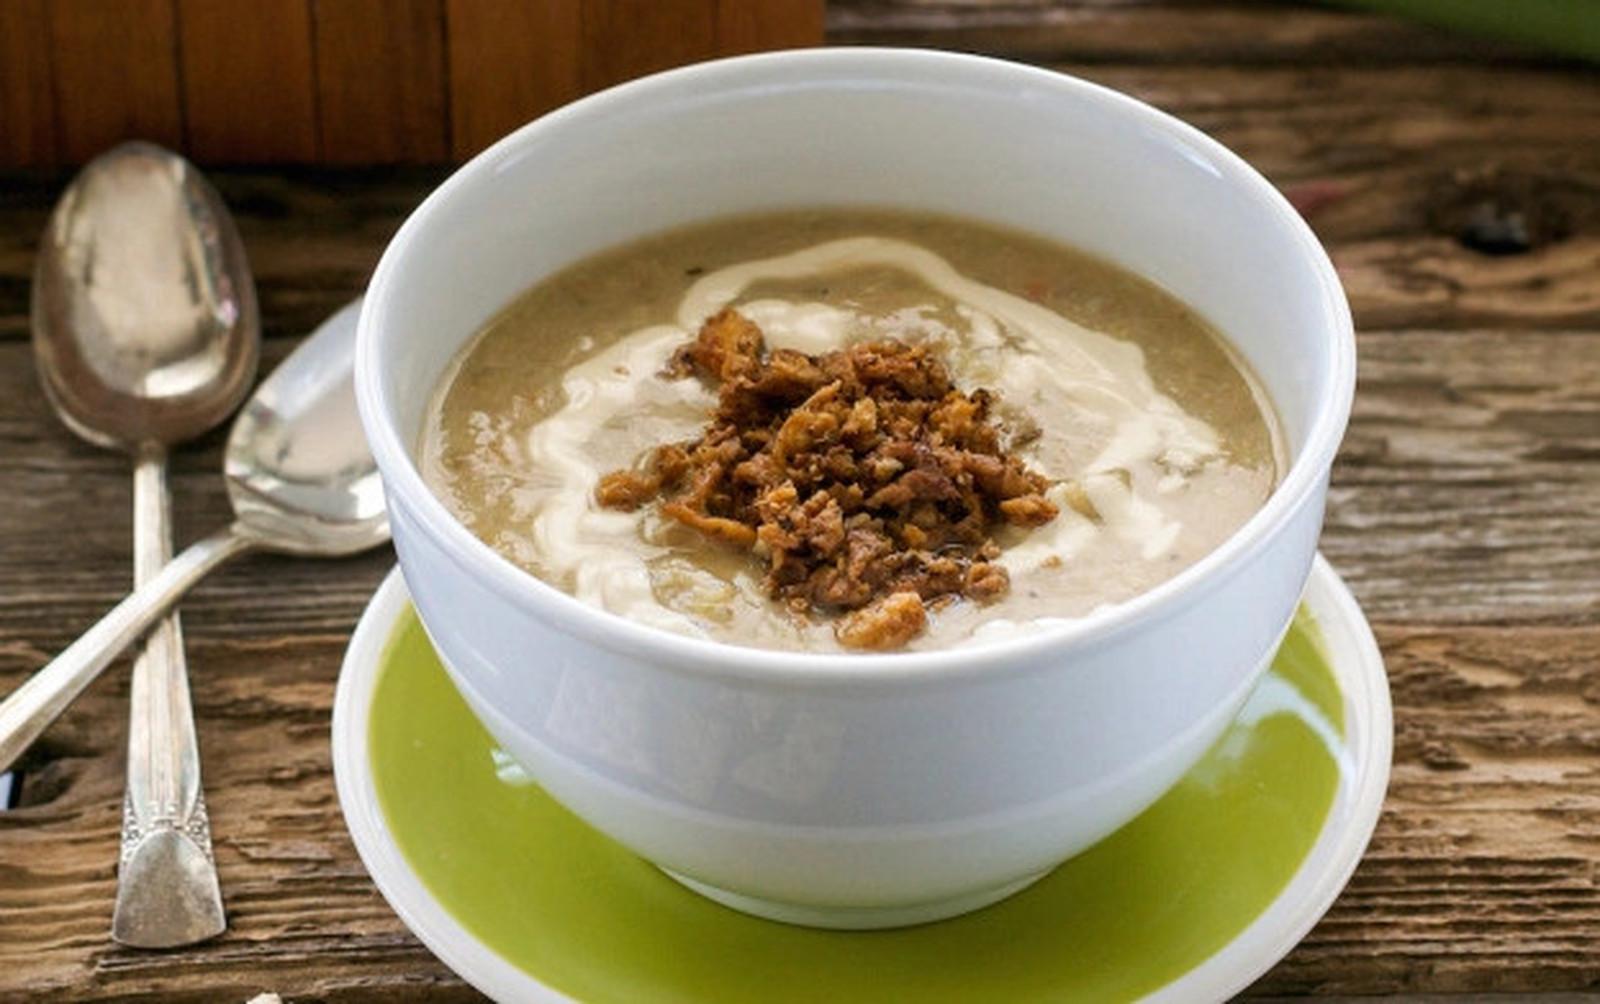 'Stuffed' Artichoke Soup in the Slow Cooker [Vegan, Gluten-Free]